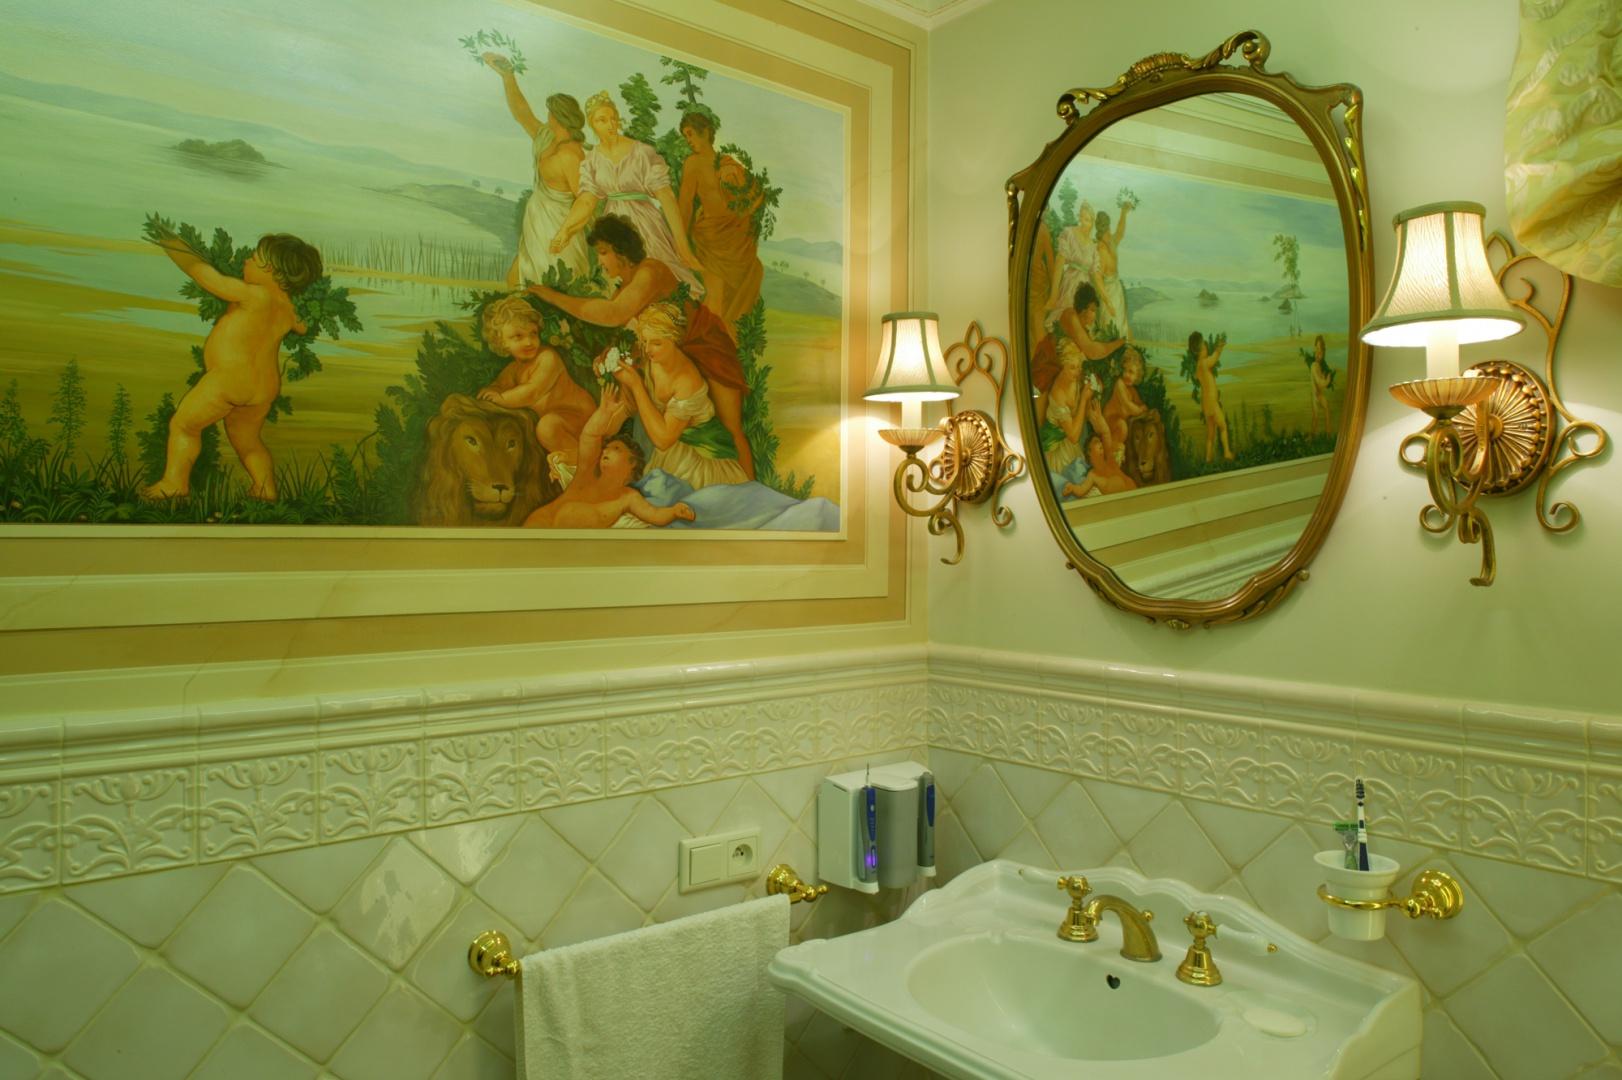 Malowidła zawierają elementy iluzji, np. boginie zdają się przeglądać w lustrze. Ich plastykę i barwność efektownie podkreślają jasne kolory ścian.